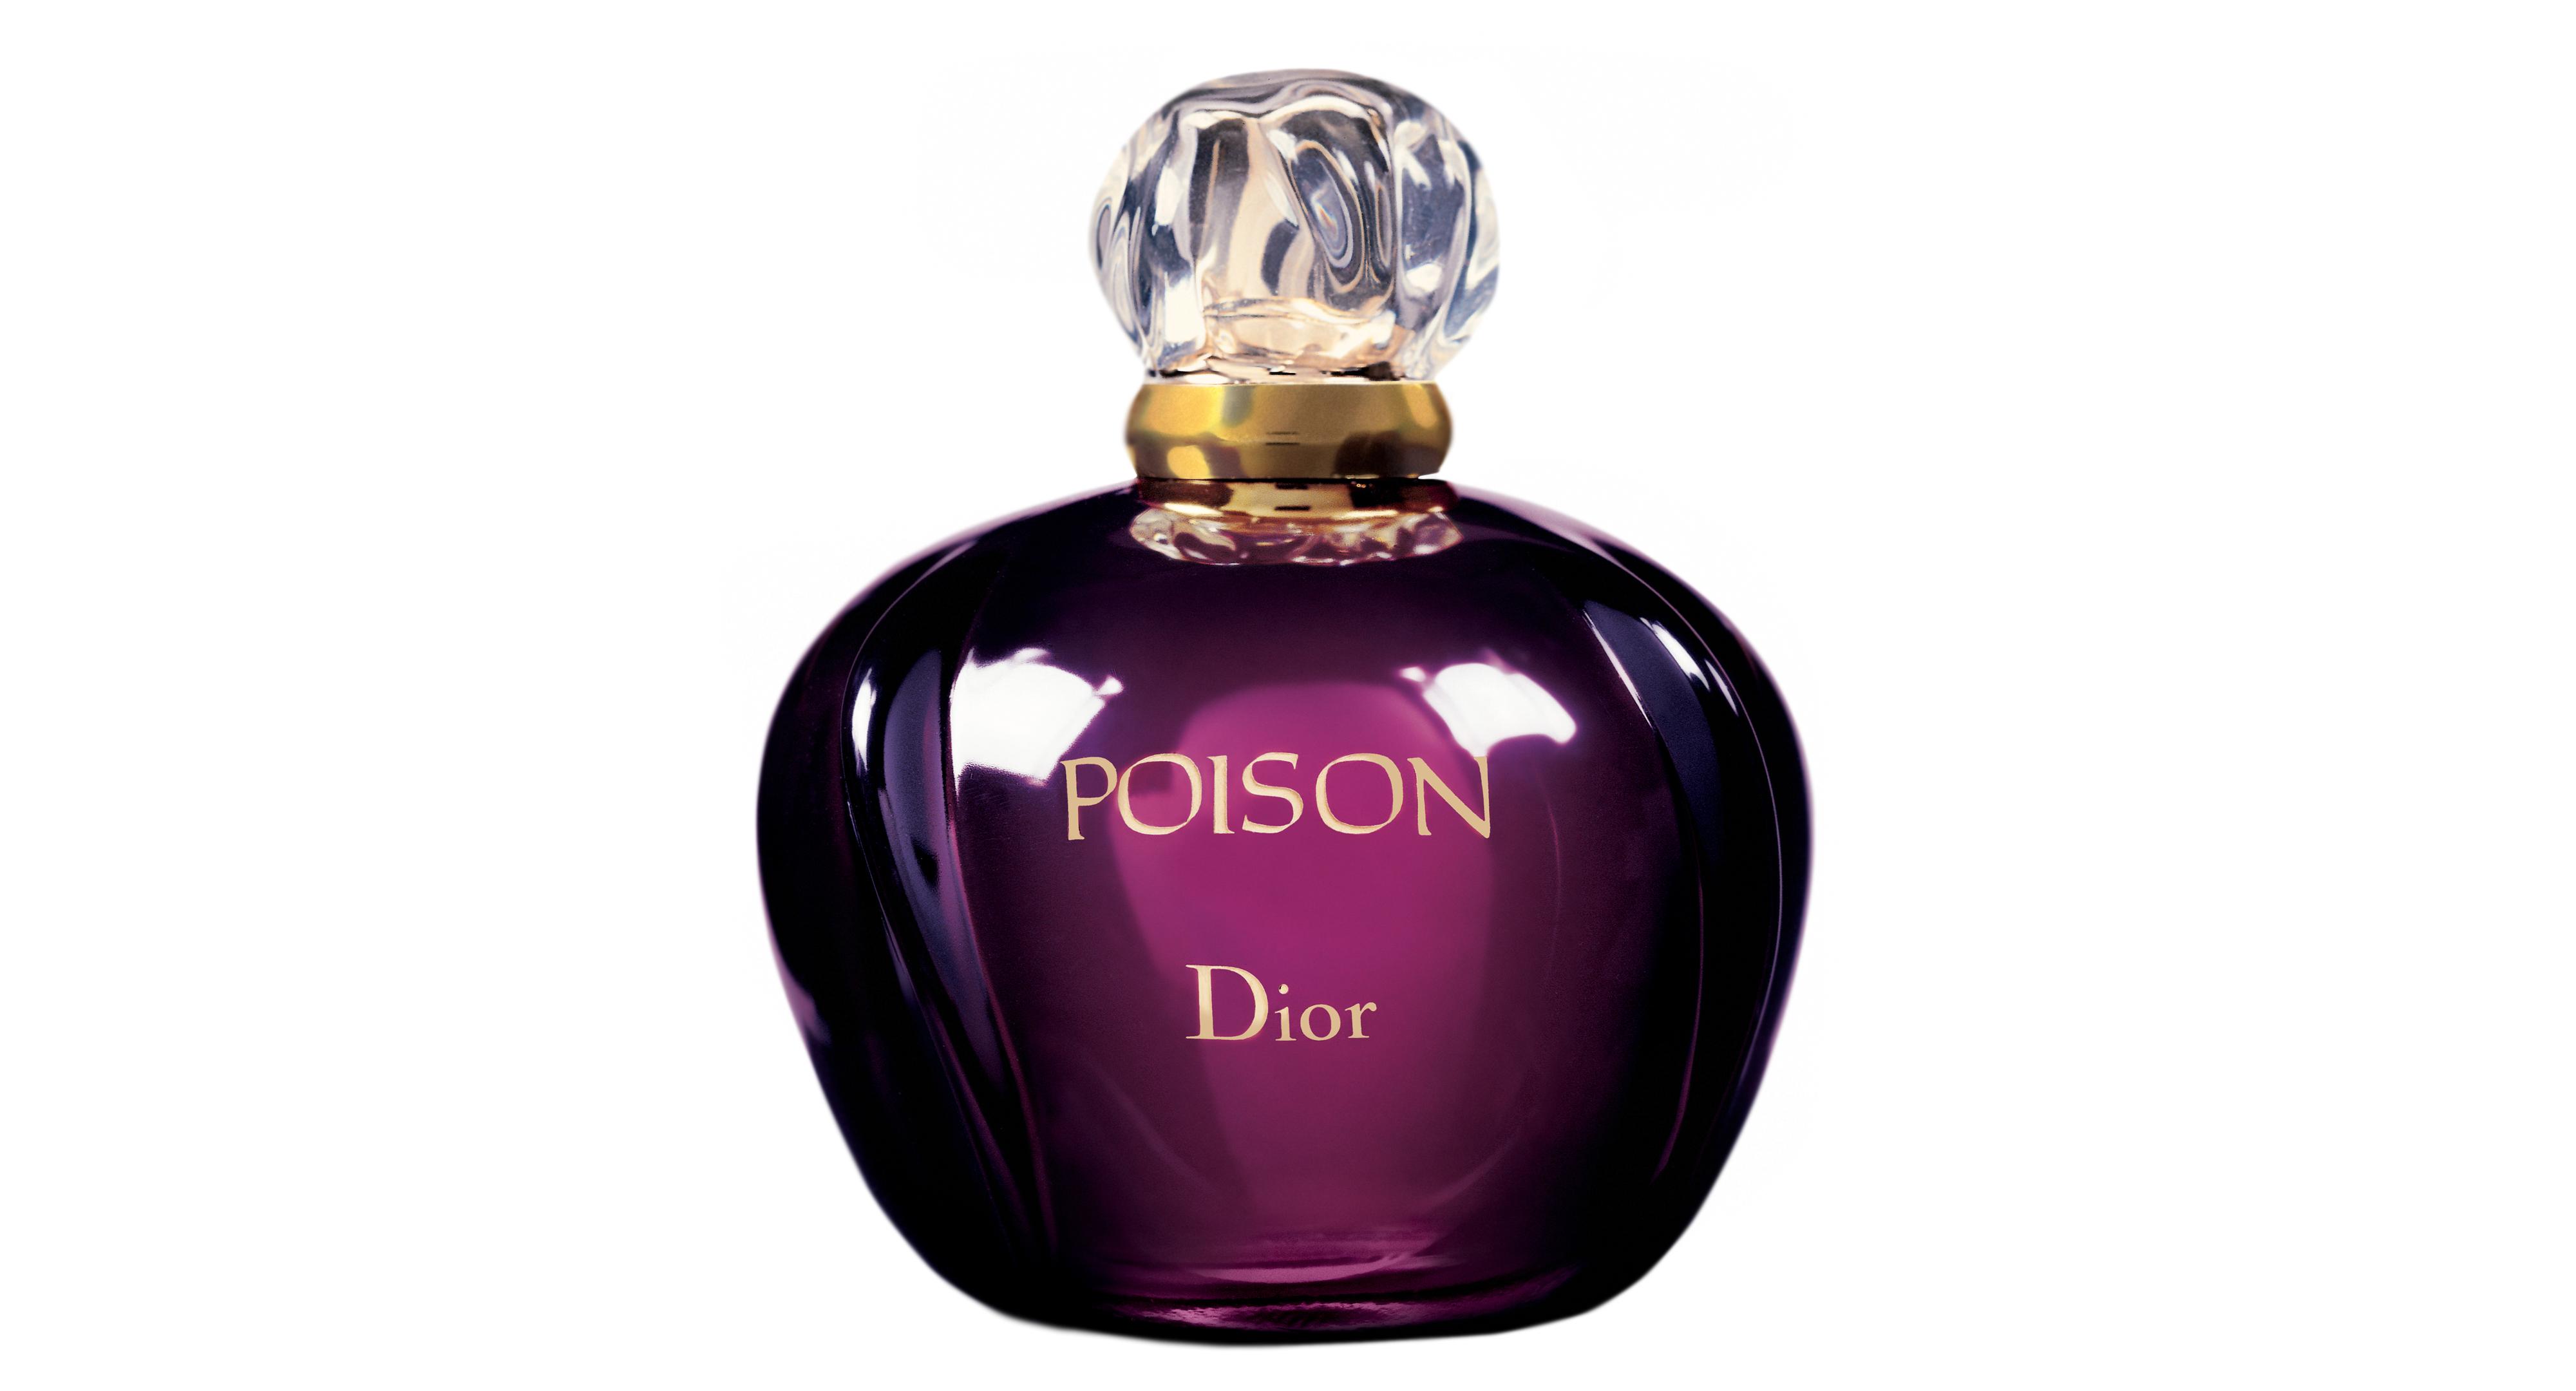 d9cf2adb Poison Eau de Toilette, 1.7 oz | Products | Poison perfume, Dior ...